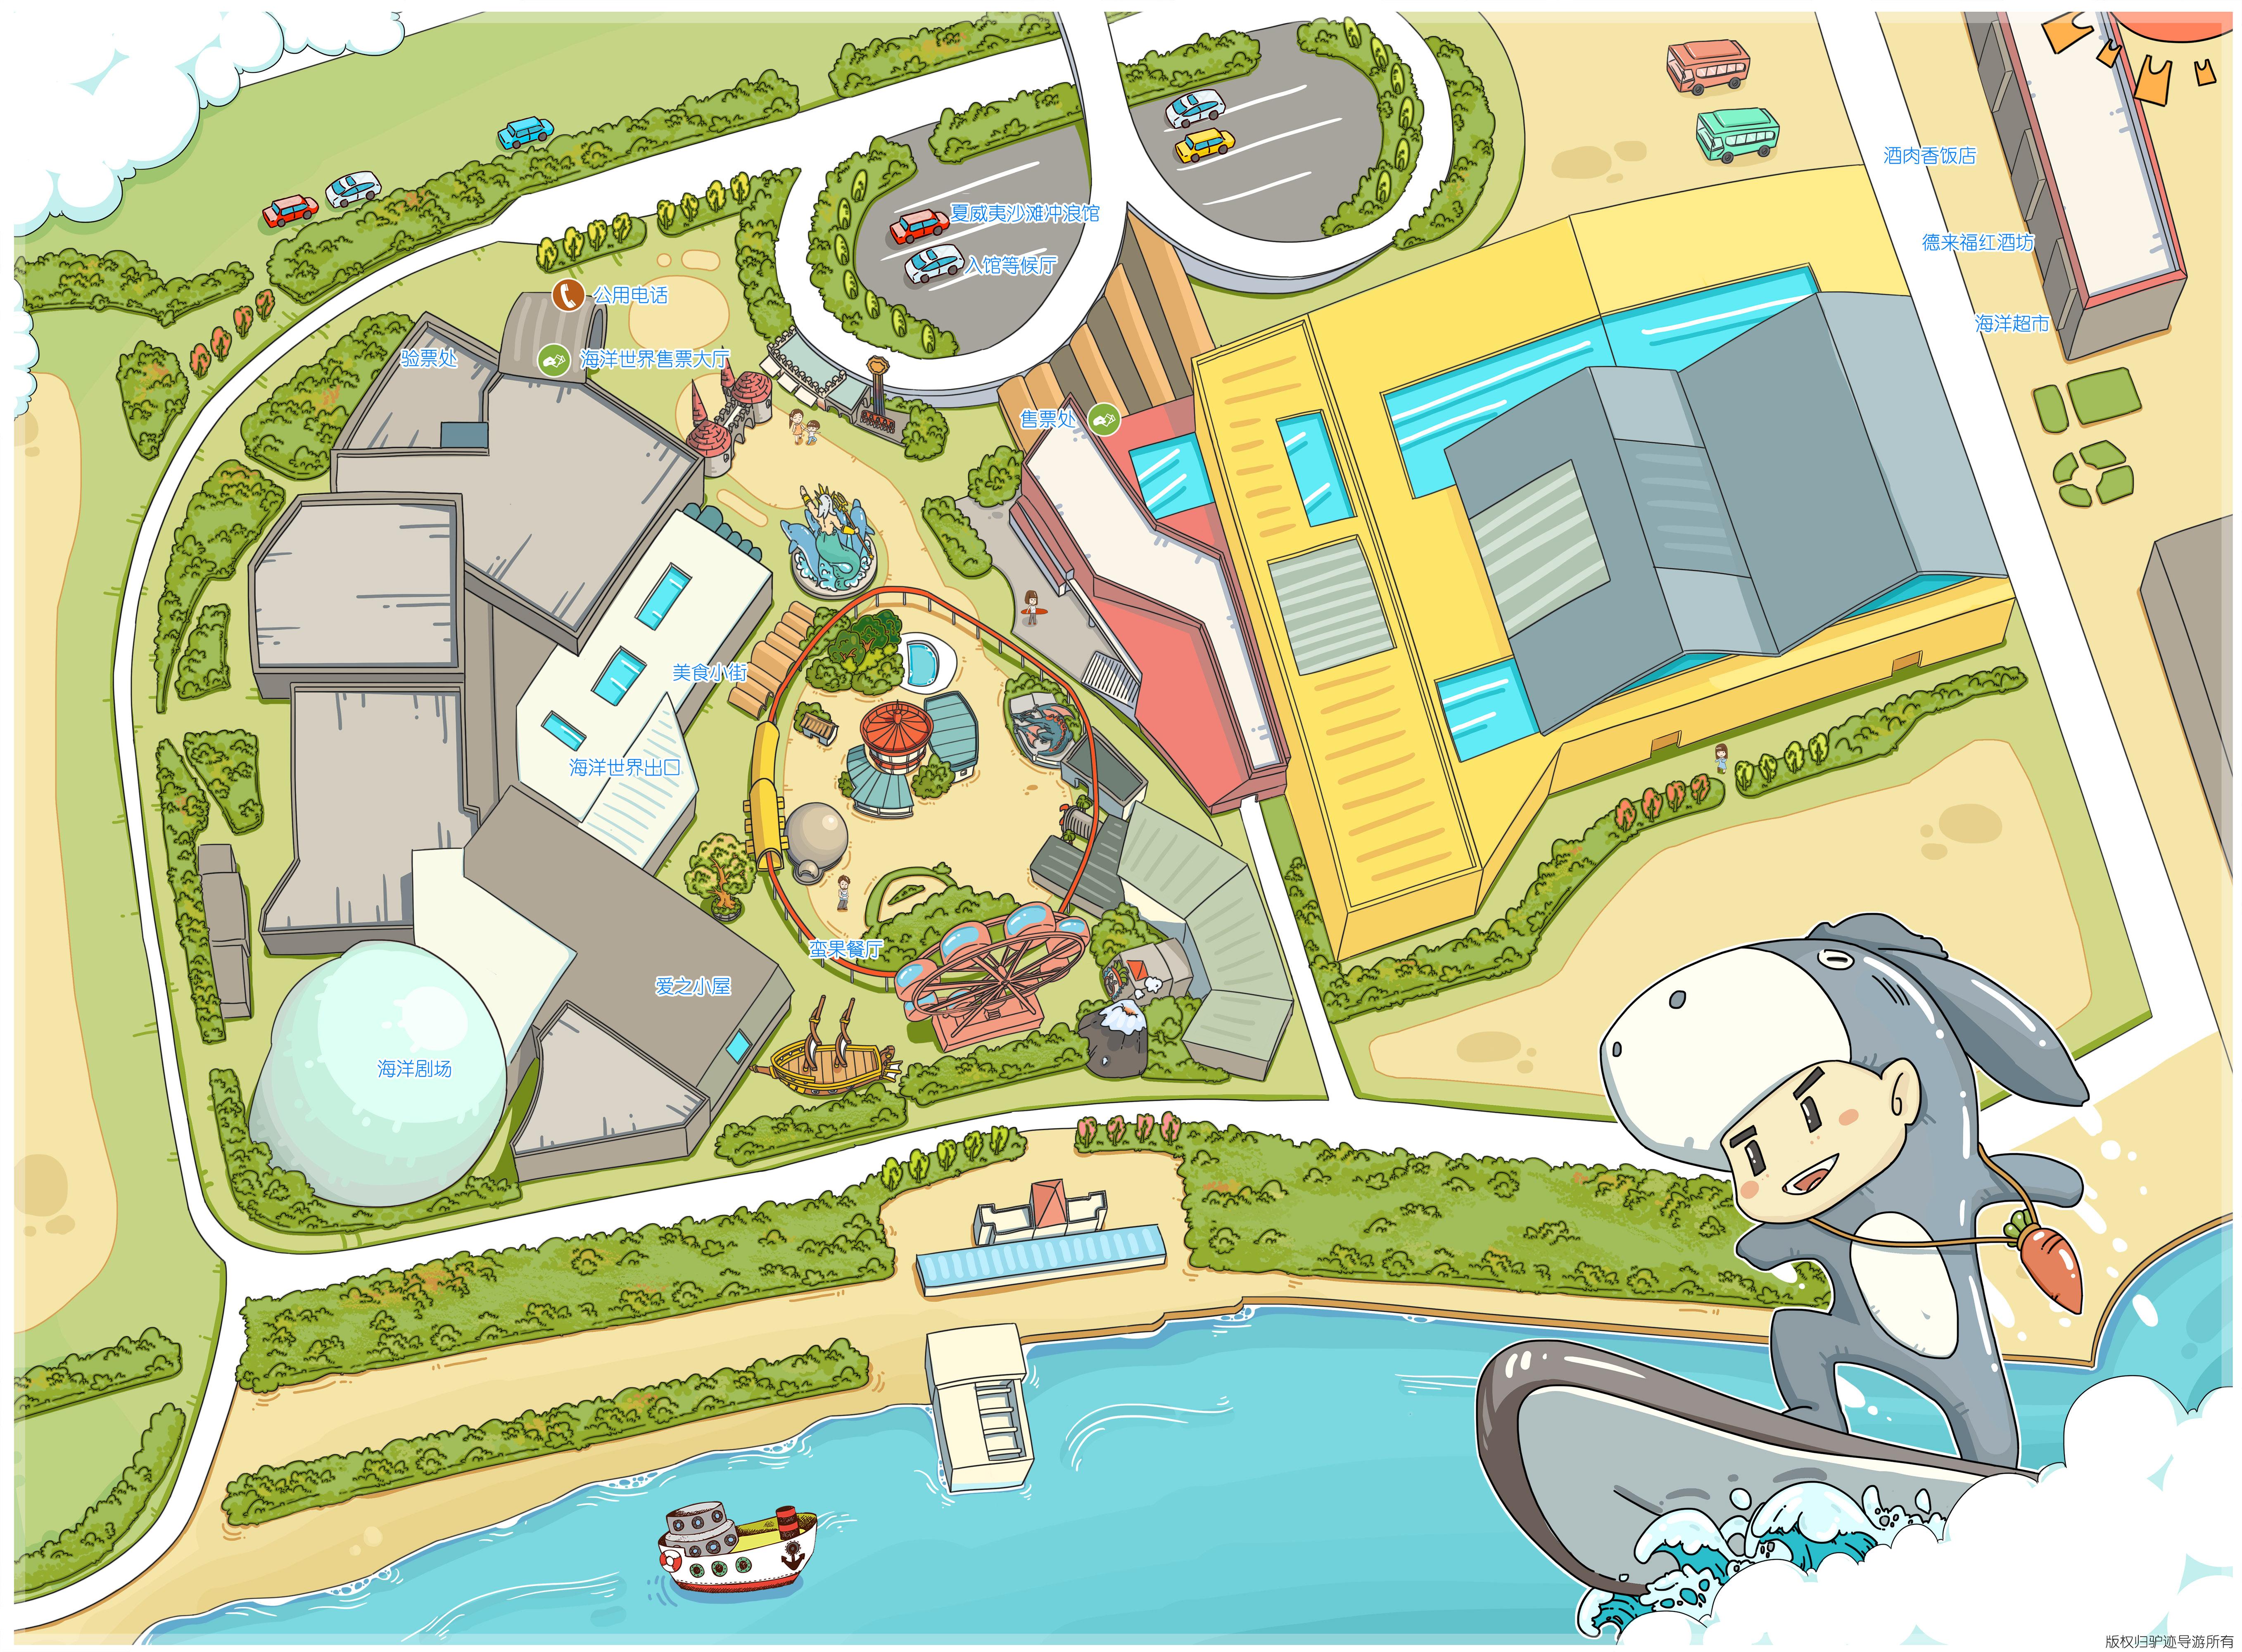 皇家海洋乐园手机导游【全景地图,园内导航,线路推荐